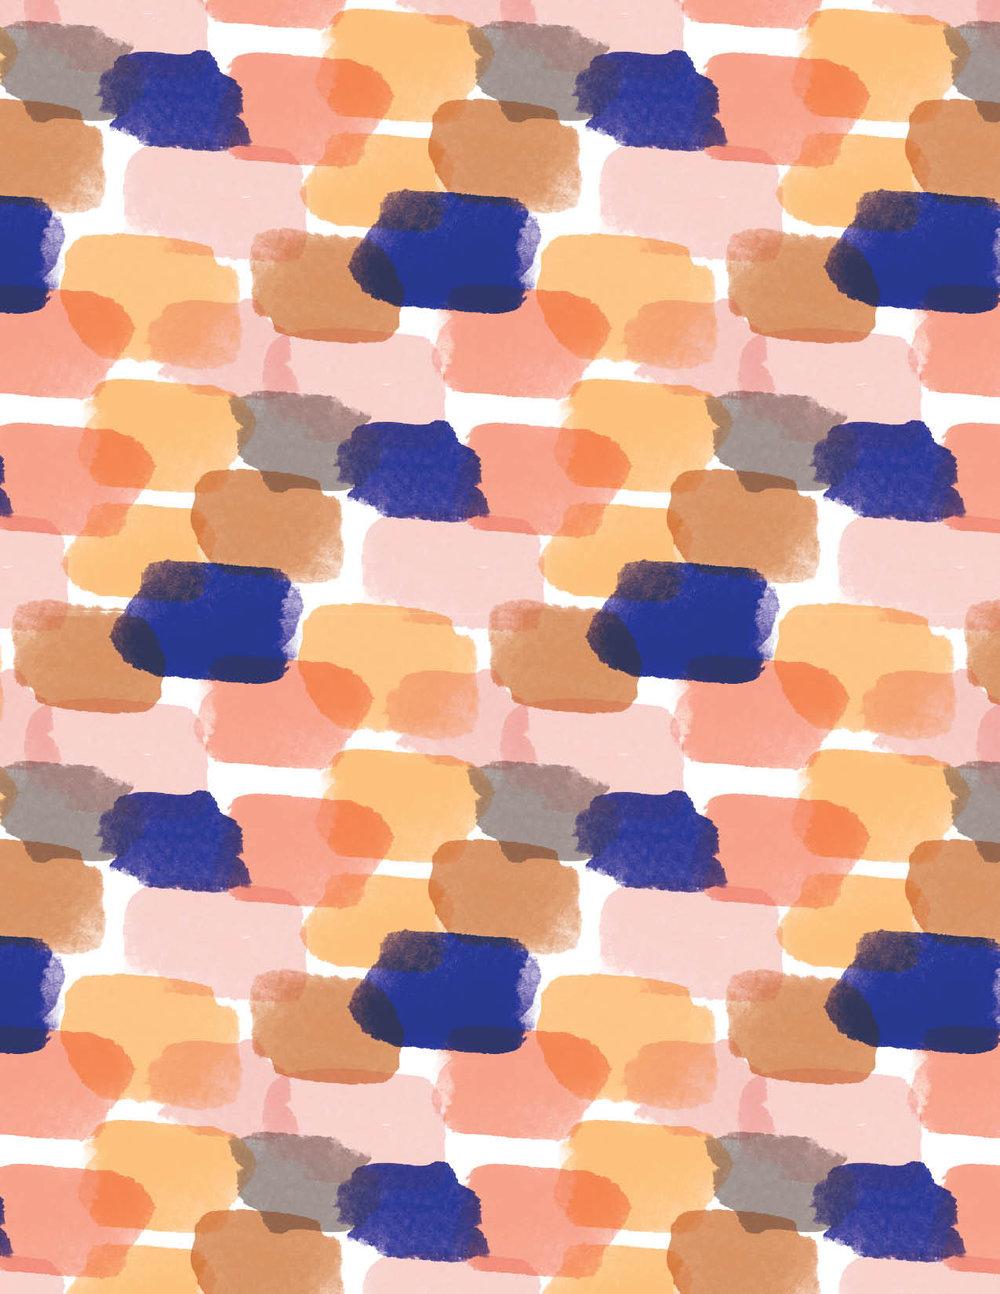 jessbruggink_pattern25.jpg